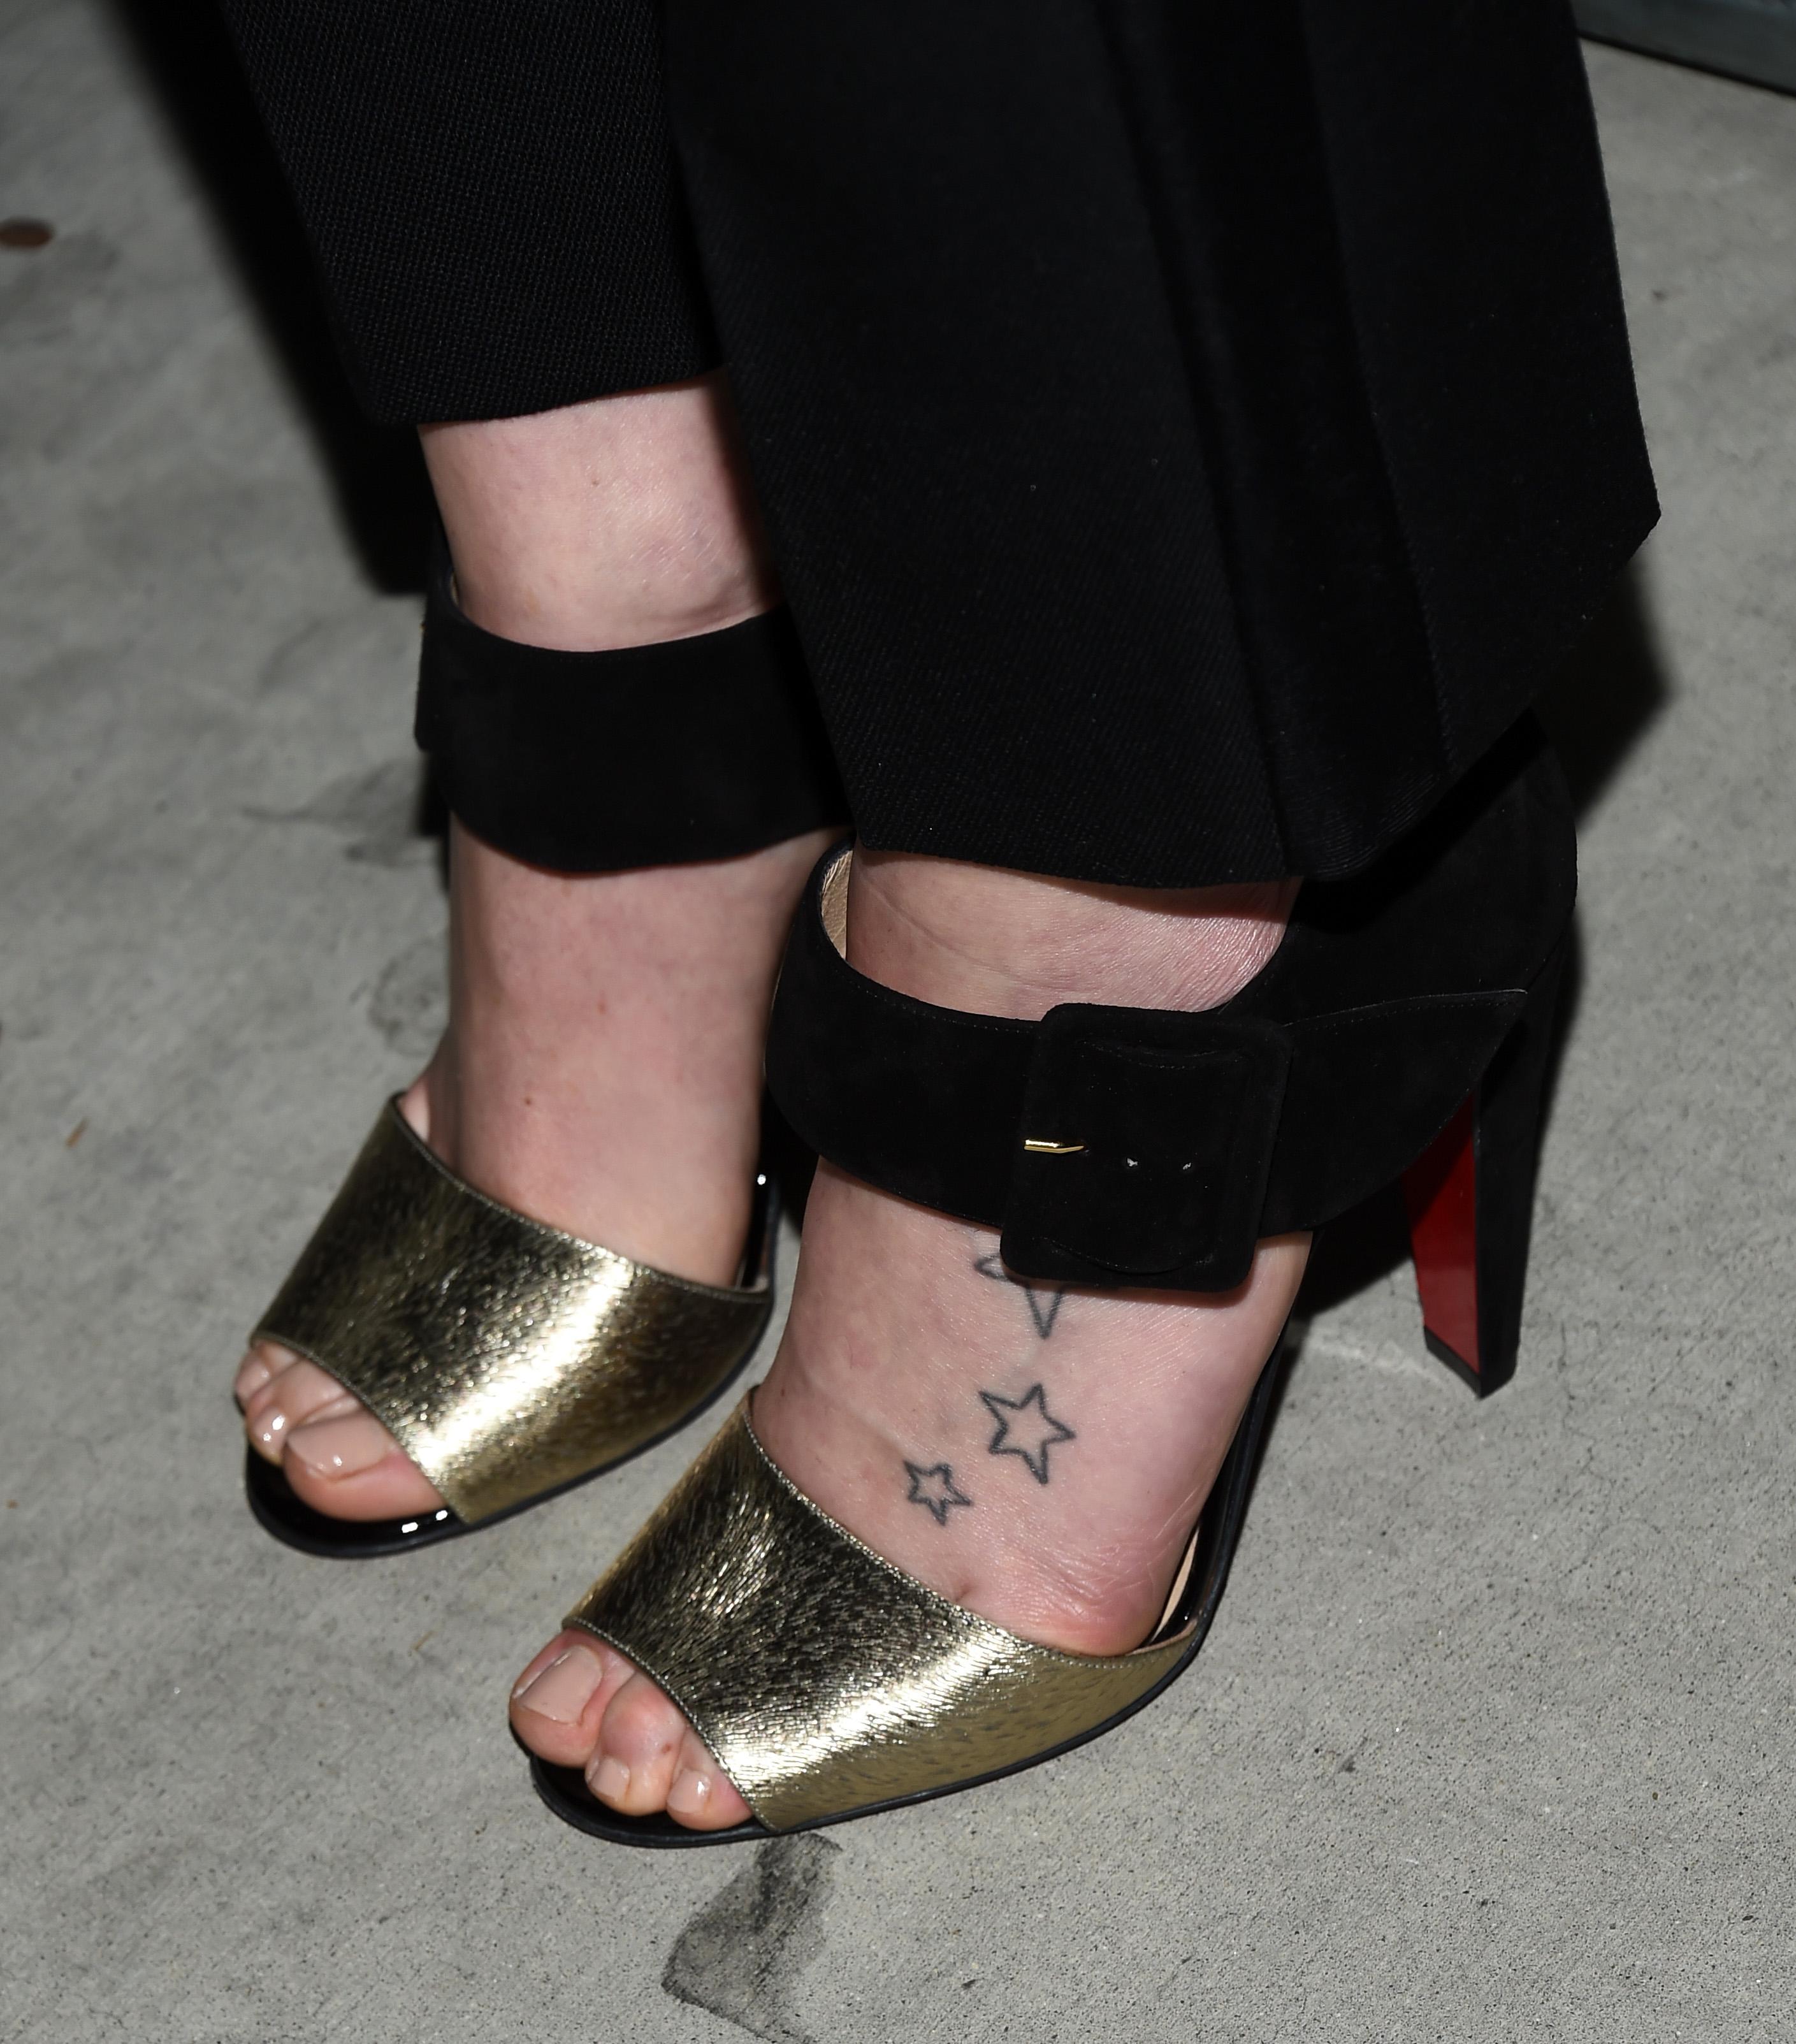 3. She got a tattoo as a teen